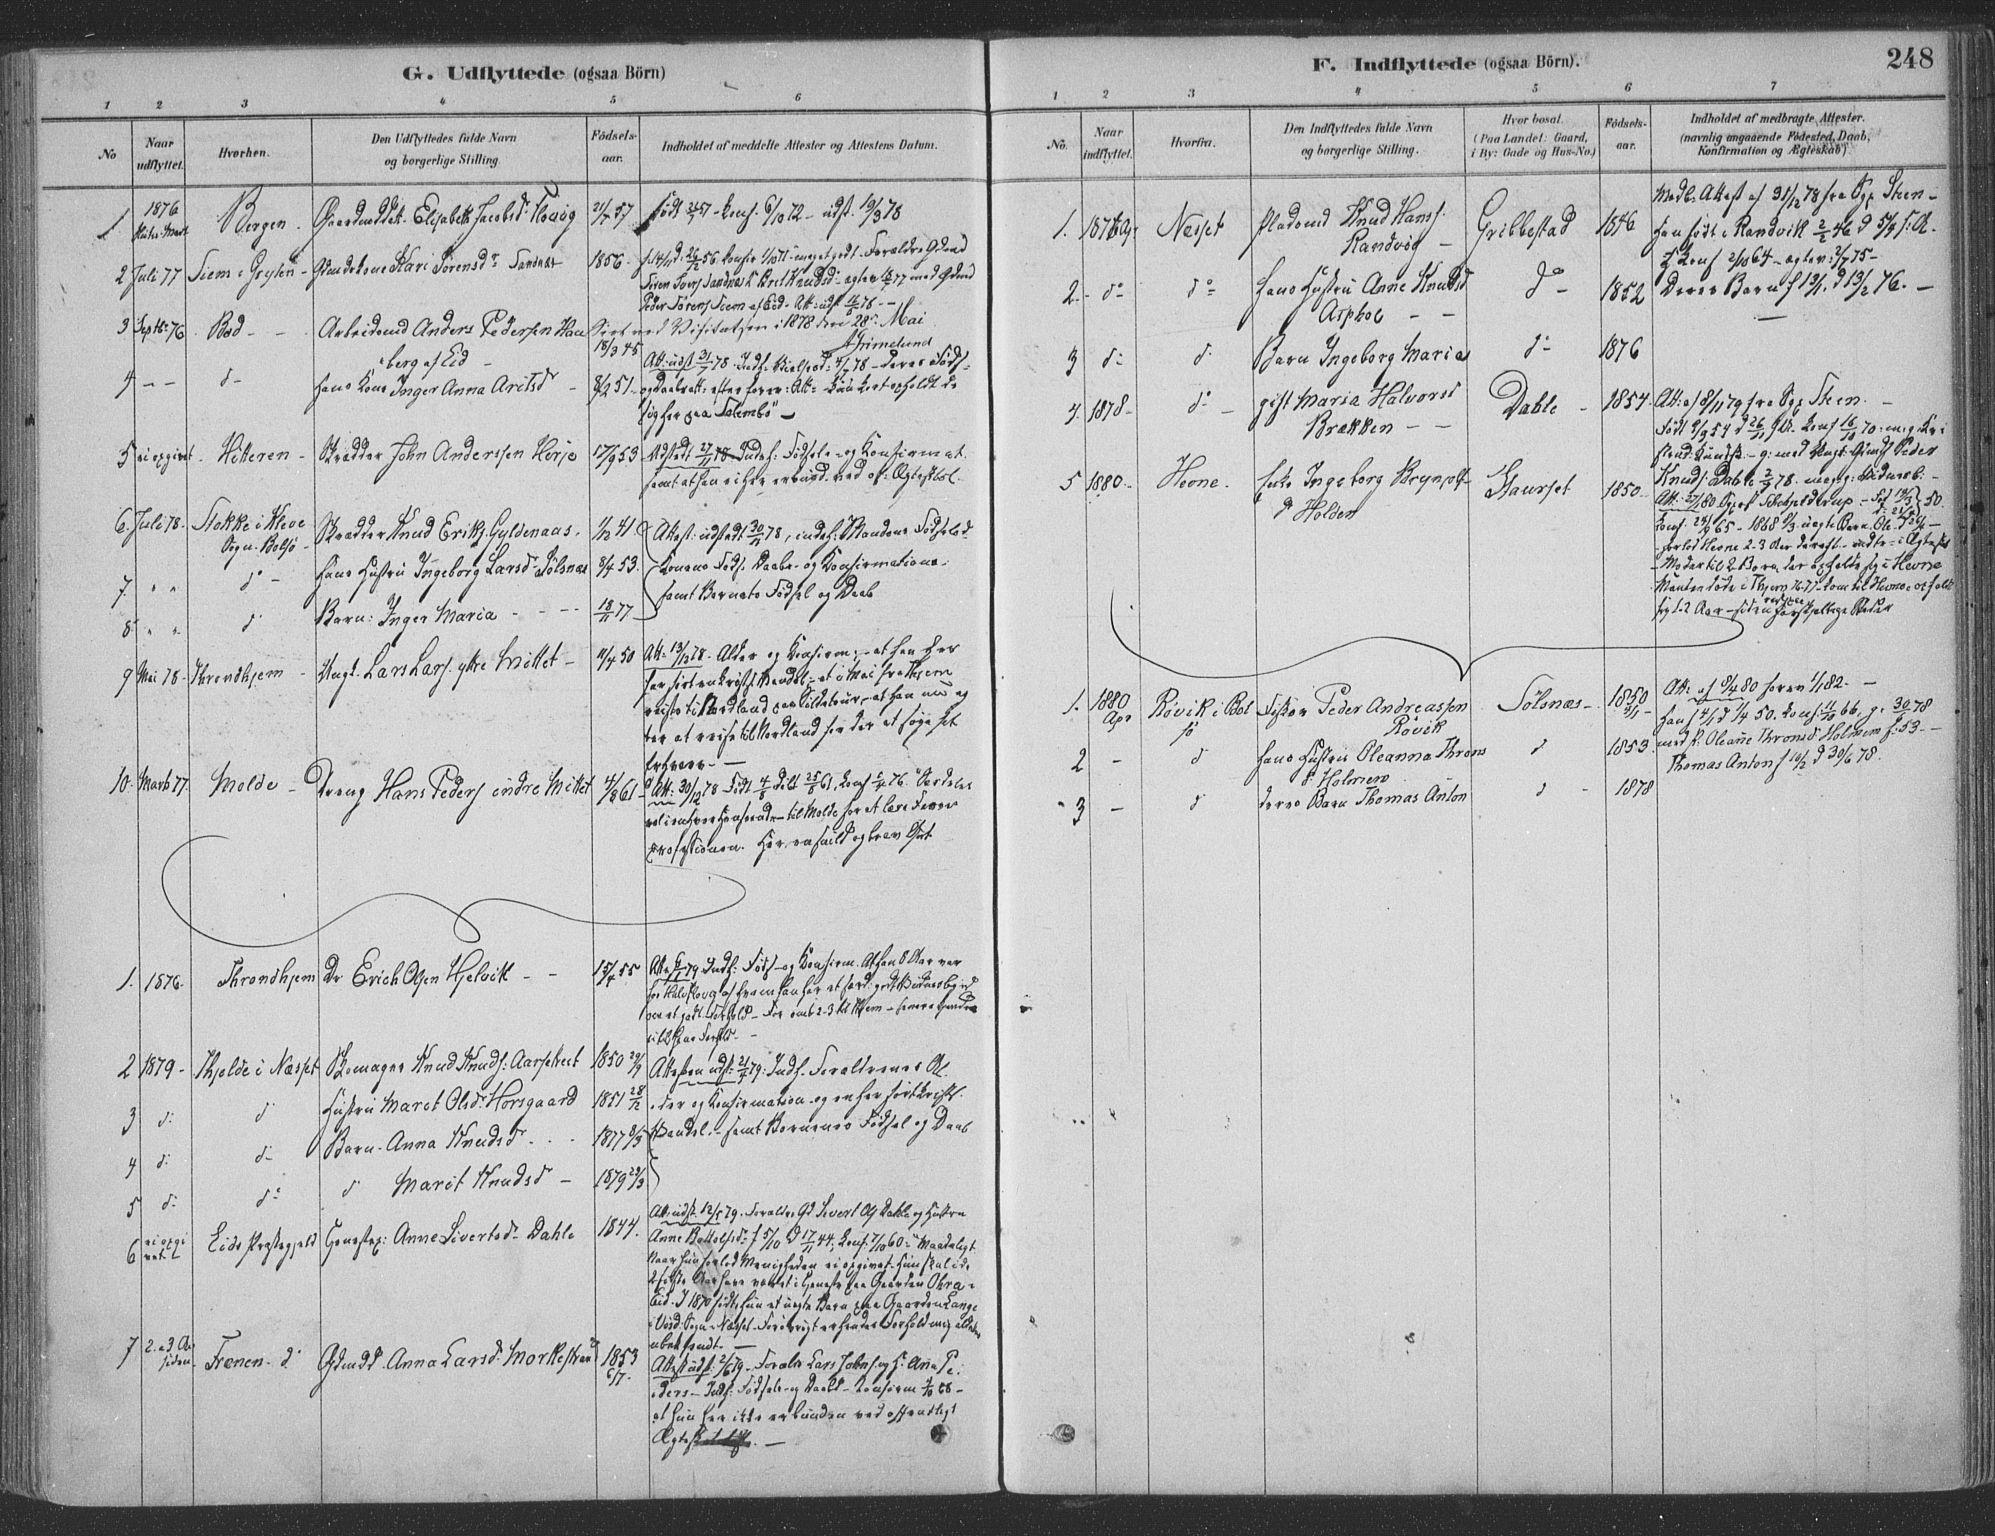 SAT, Ministerialprotokoller, klokkerbøker og fødselsregistre - Møre og Romsdal, 547/L0604: Ministerialbok nr. 547A06, 1878-1906, s. 248